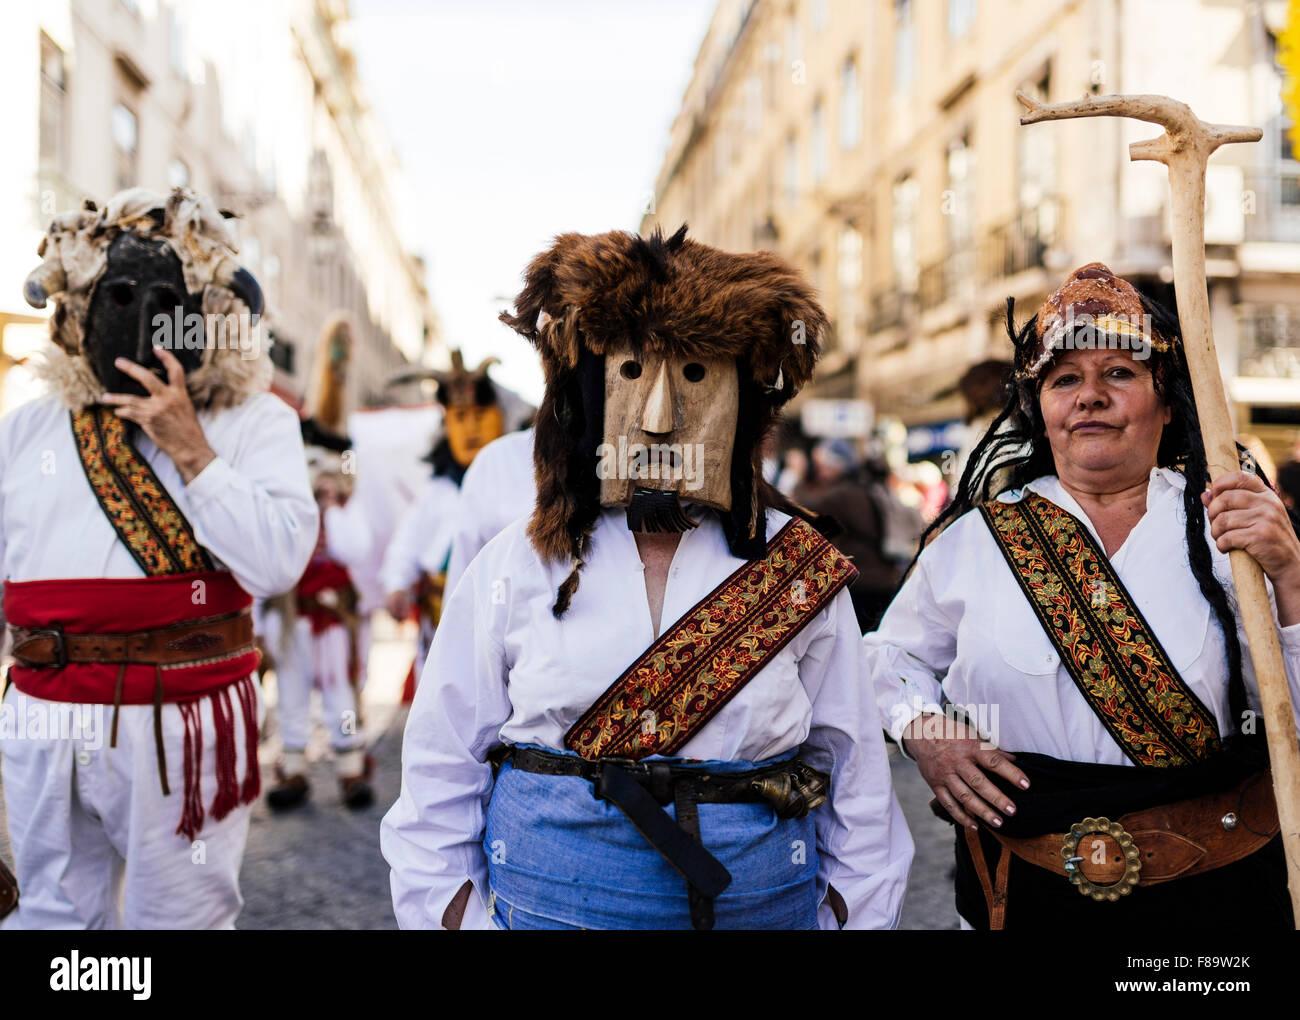 Internationale Festival iberischen Maske, Lissabon, Portugal Stockfoto